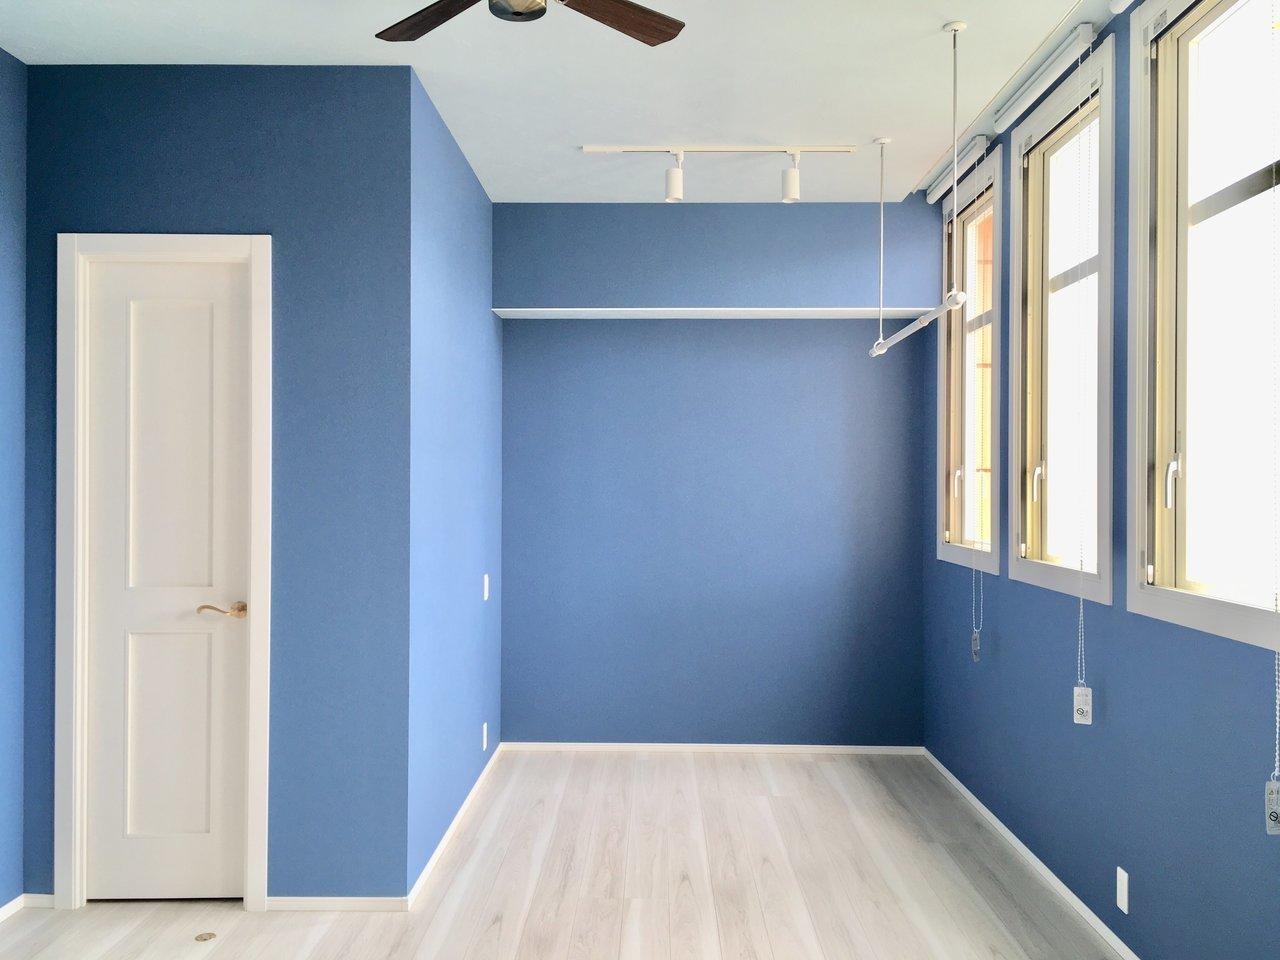 この5月にできたばかりの新築デザイナーズです。6タイプのお部屋から選ぶことができ、壁の色もそれぞれ違います。こちらは、大人なブルーが可愛いお部屋。